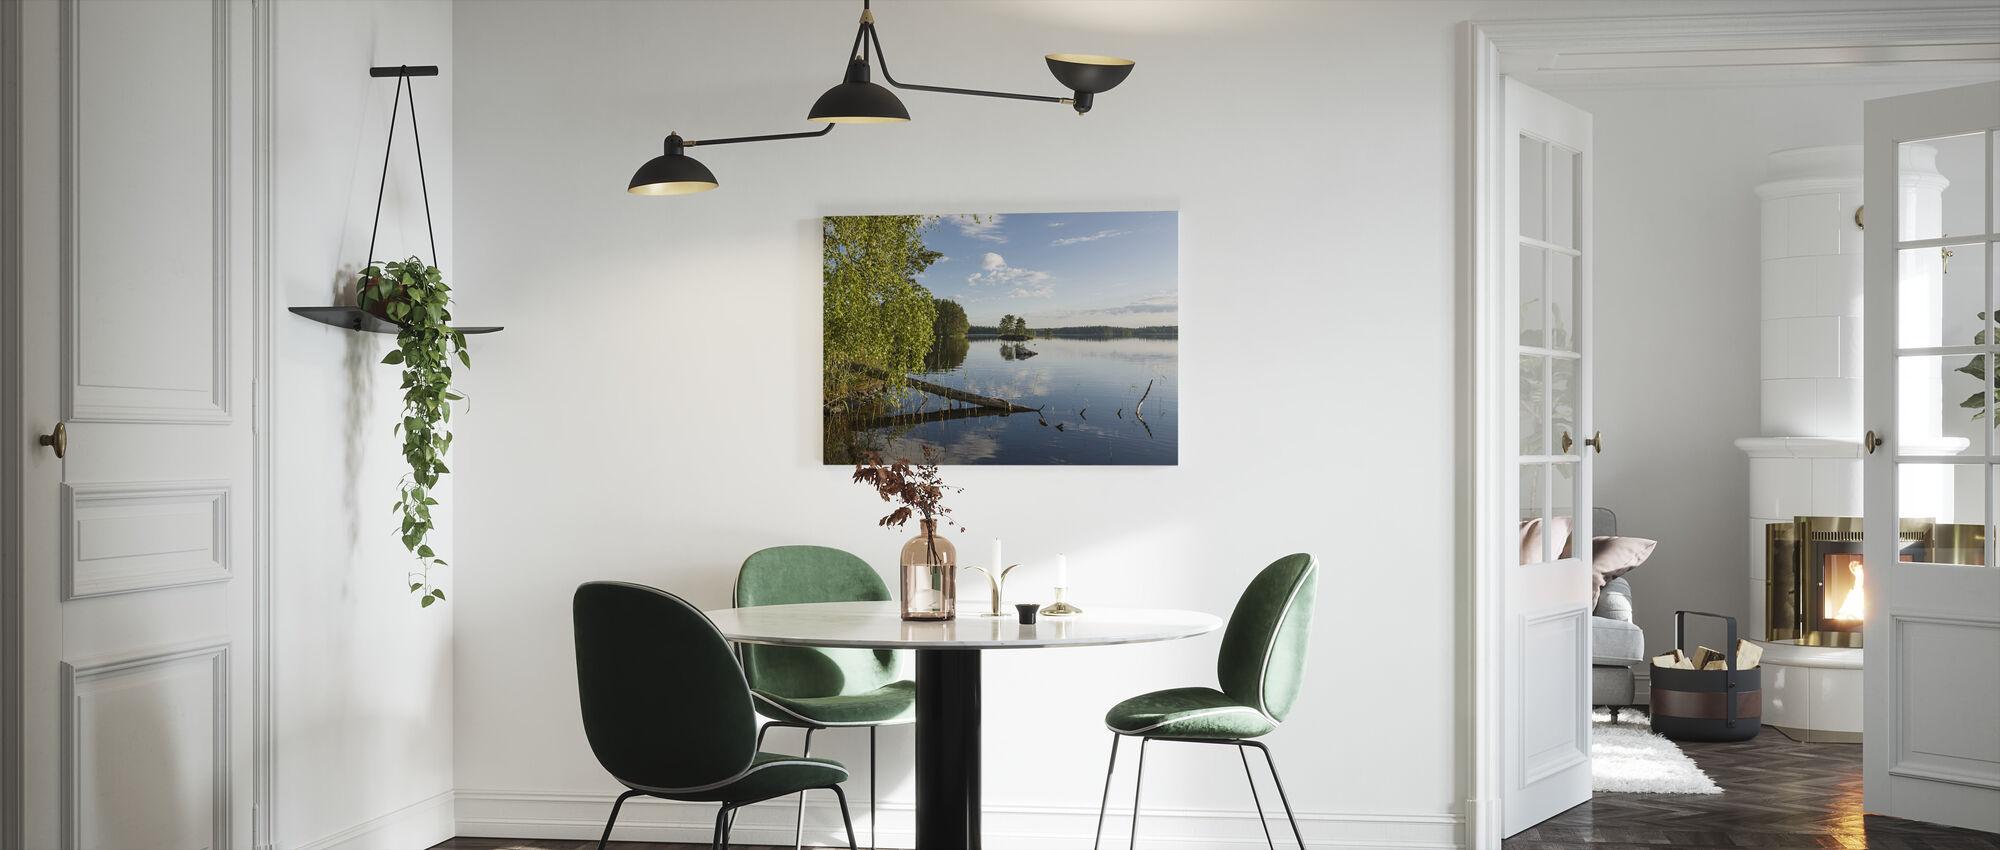 Ruotsin järven maisema - Canvastaulu - Keittiö